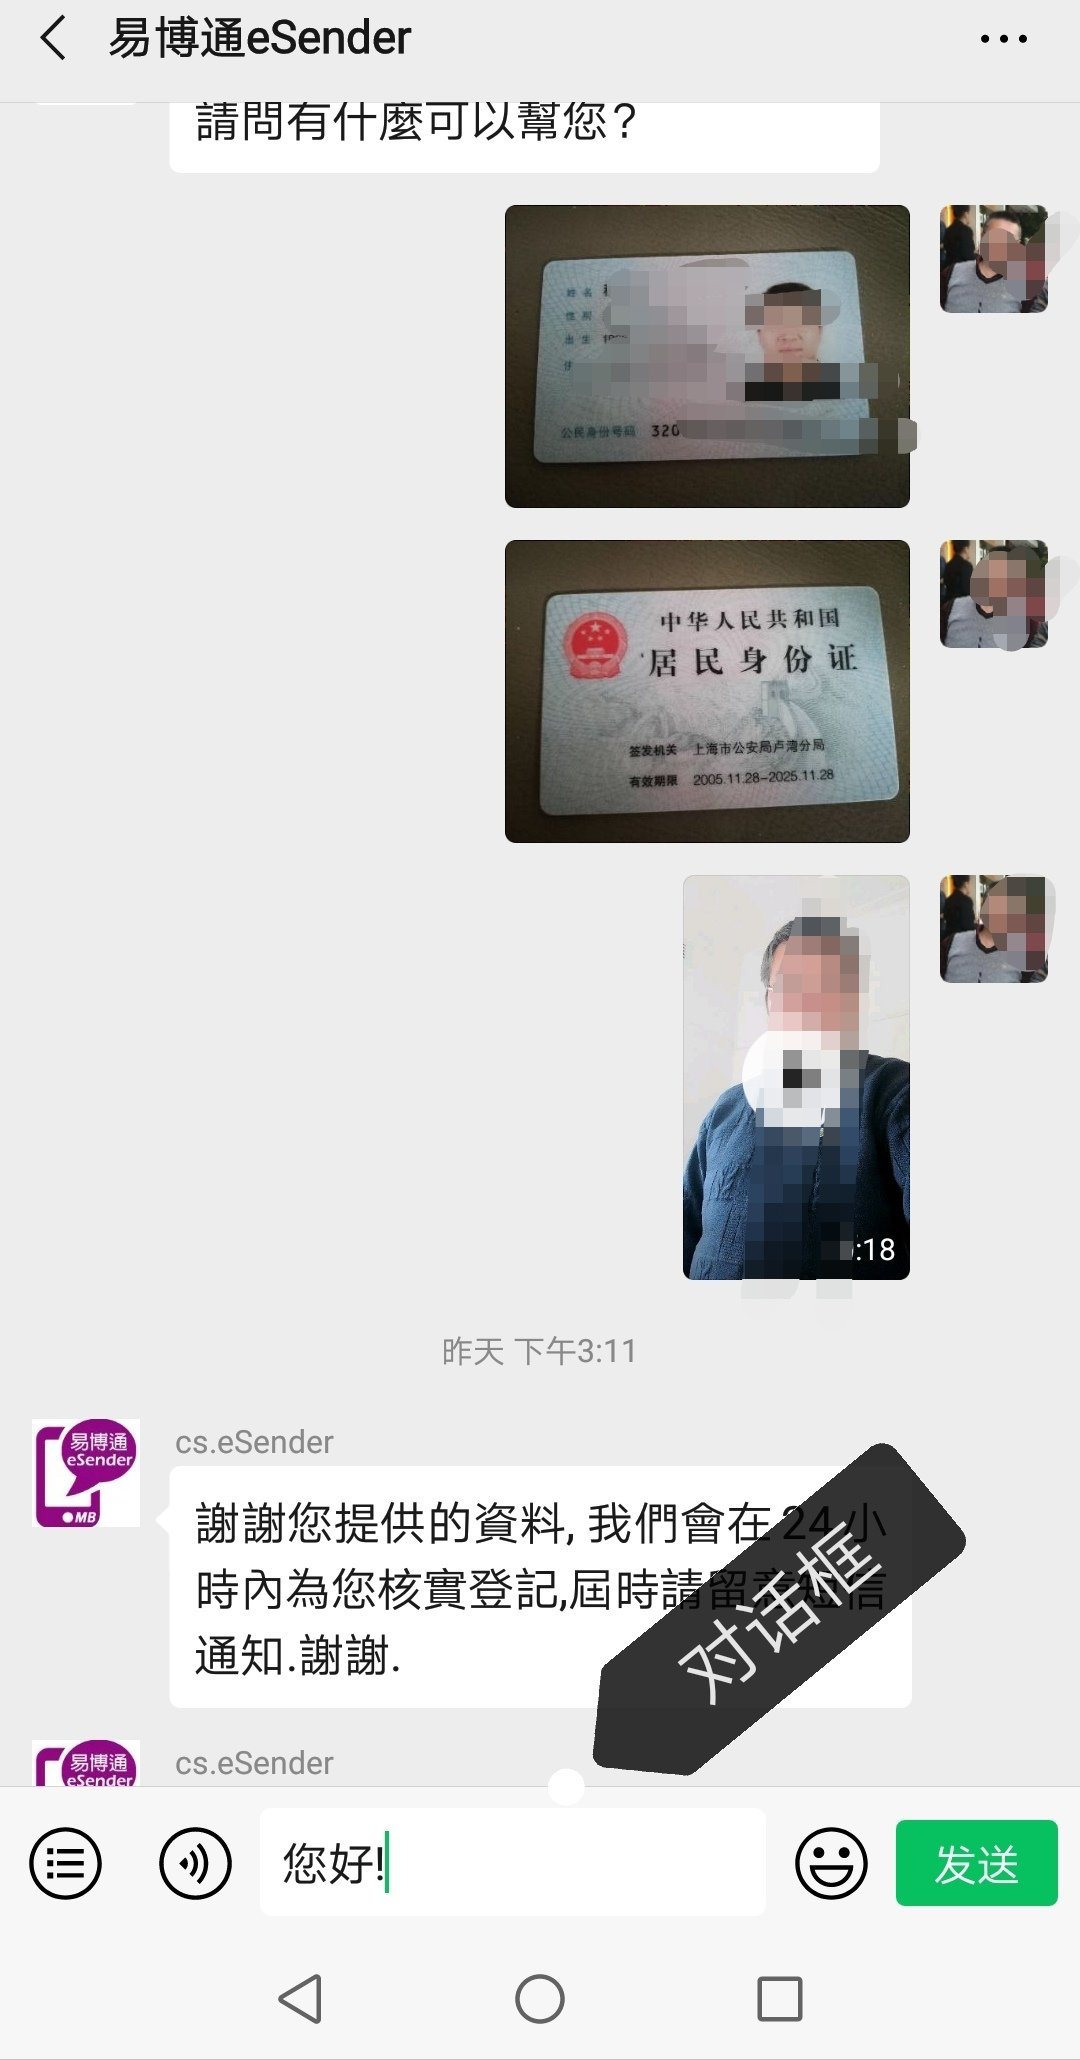 中国手机号码实名制